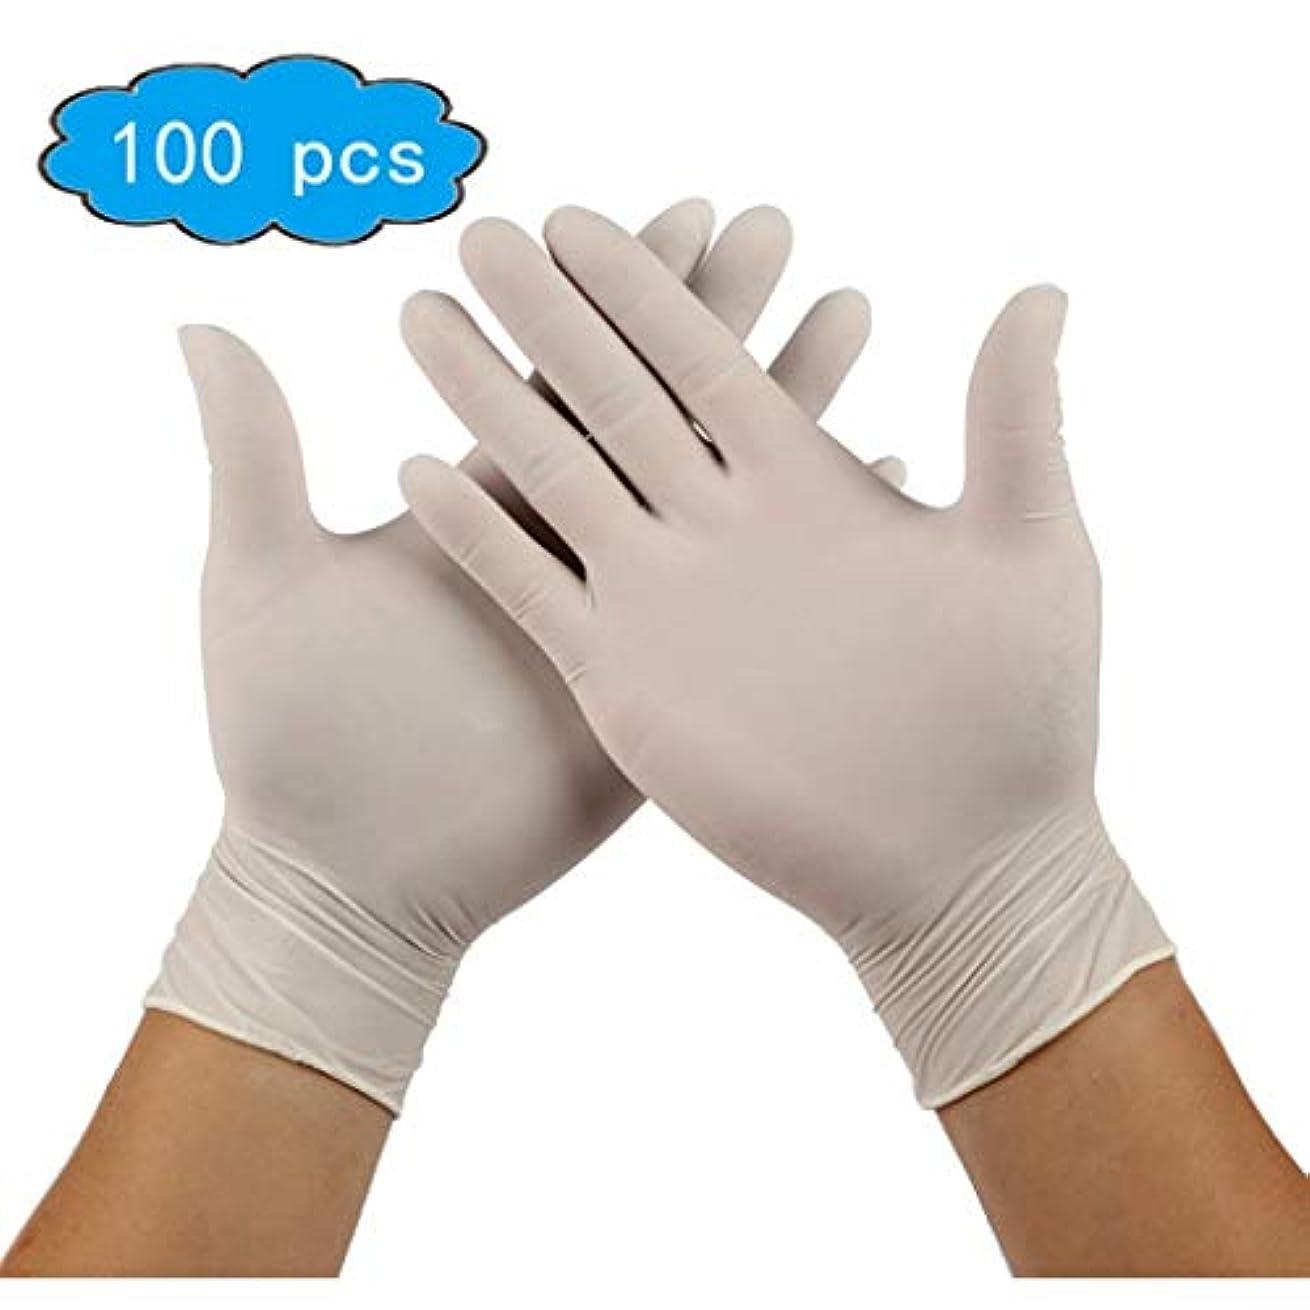 範囲救急車打倒100 XS-XLサイズの使い捨てラテックス手袋、パウダーフリー、スムースタッチ、食品サービスグレード、使い捨て手袋食品 (Color : White, Size : L)